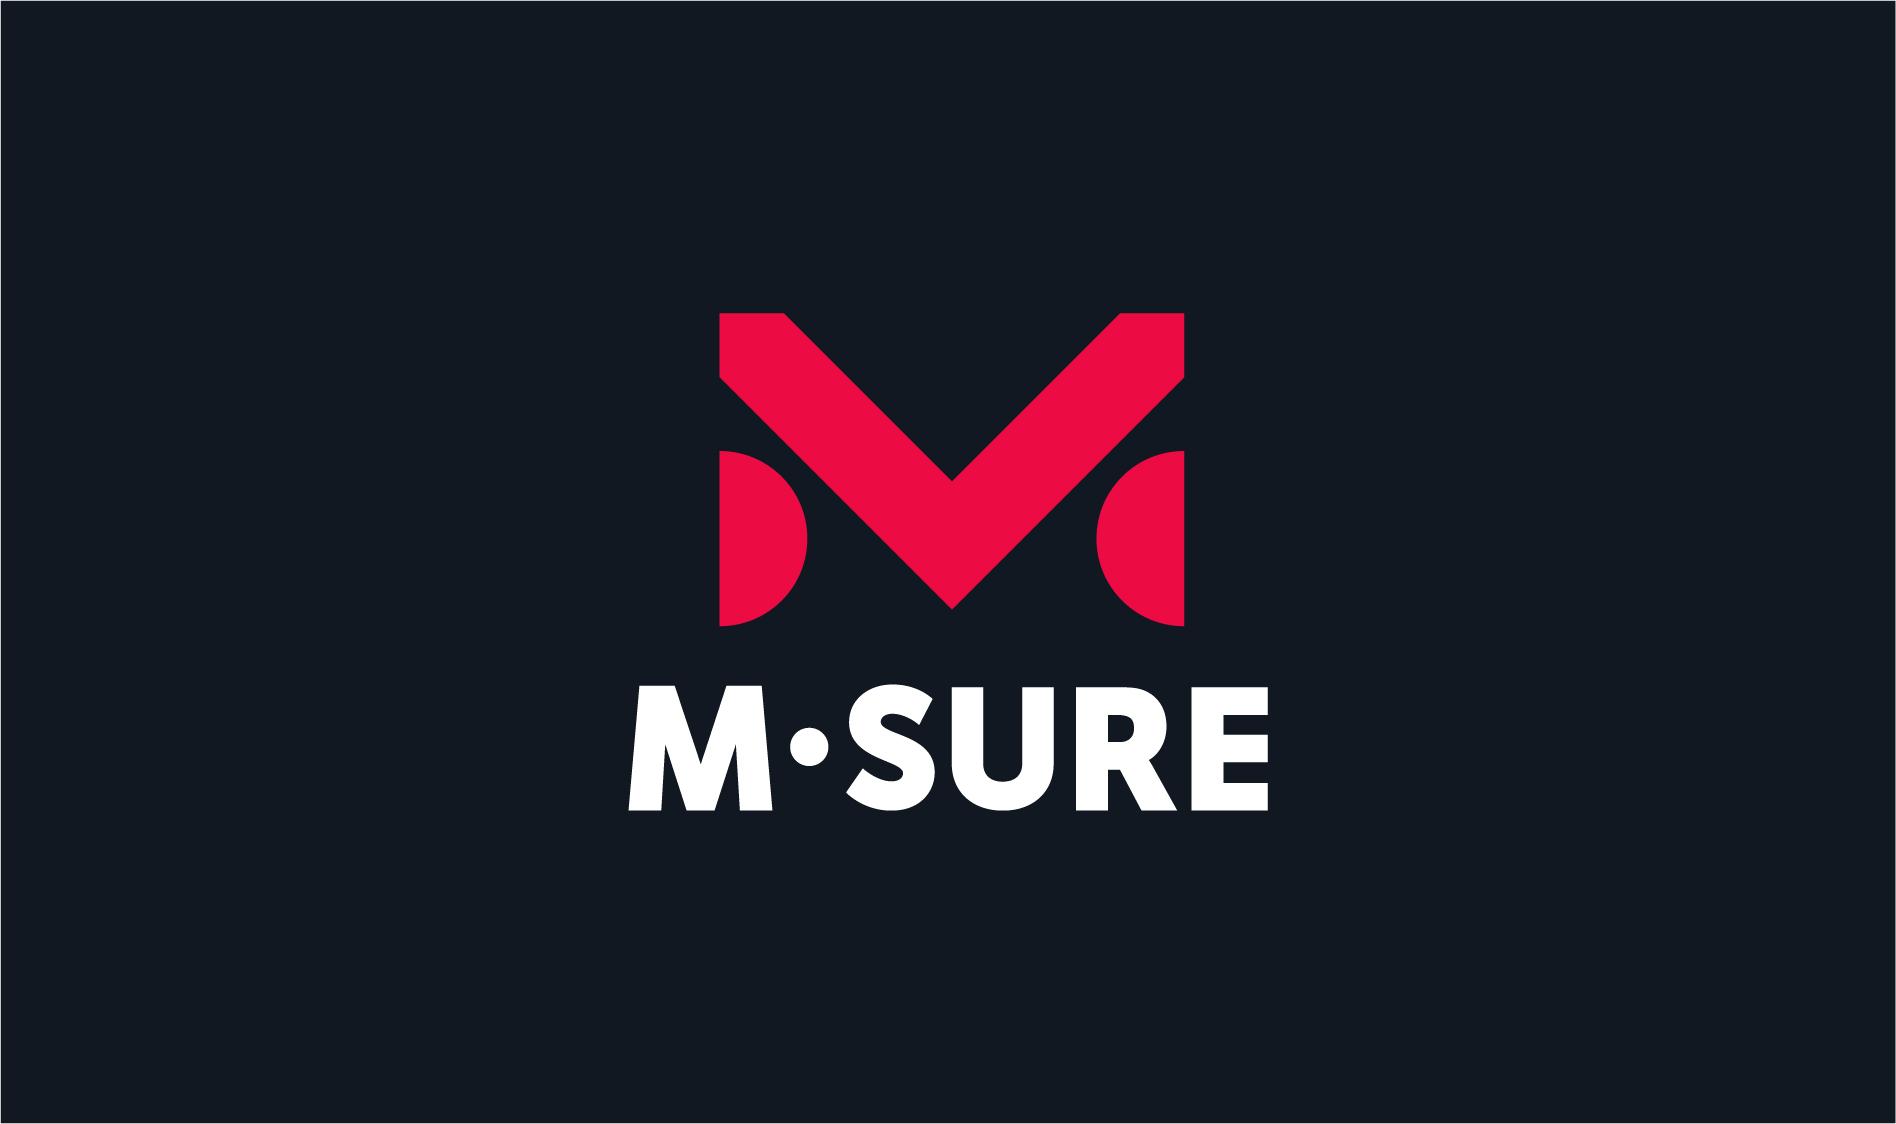 FC_Website_M-Sure_V2_seps-02